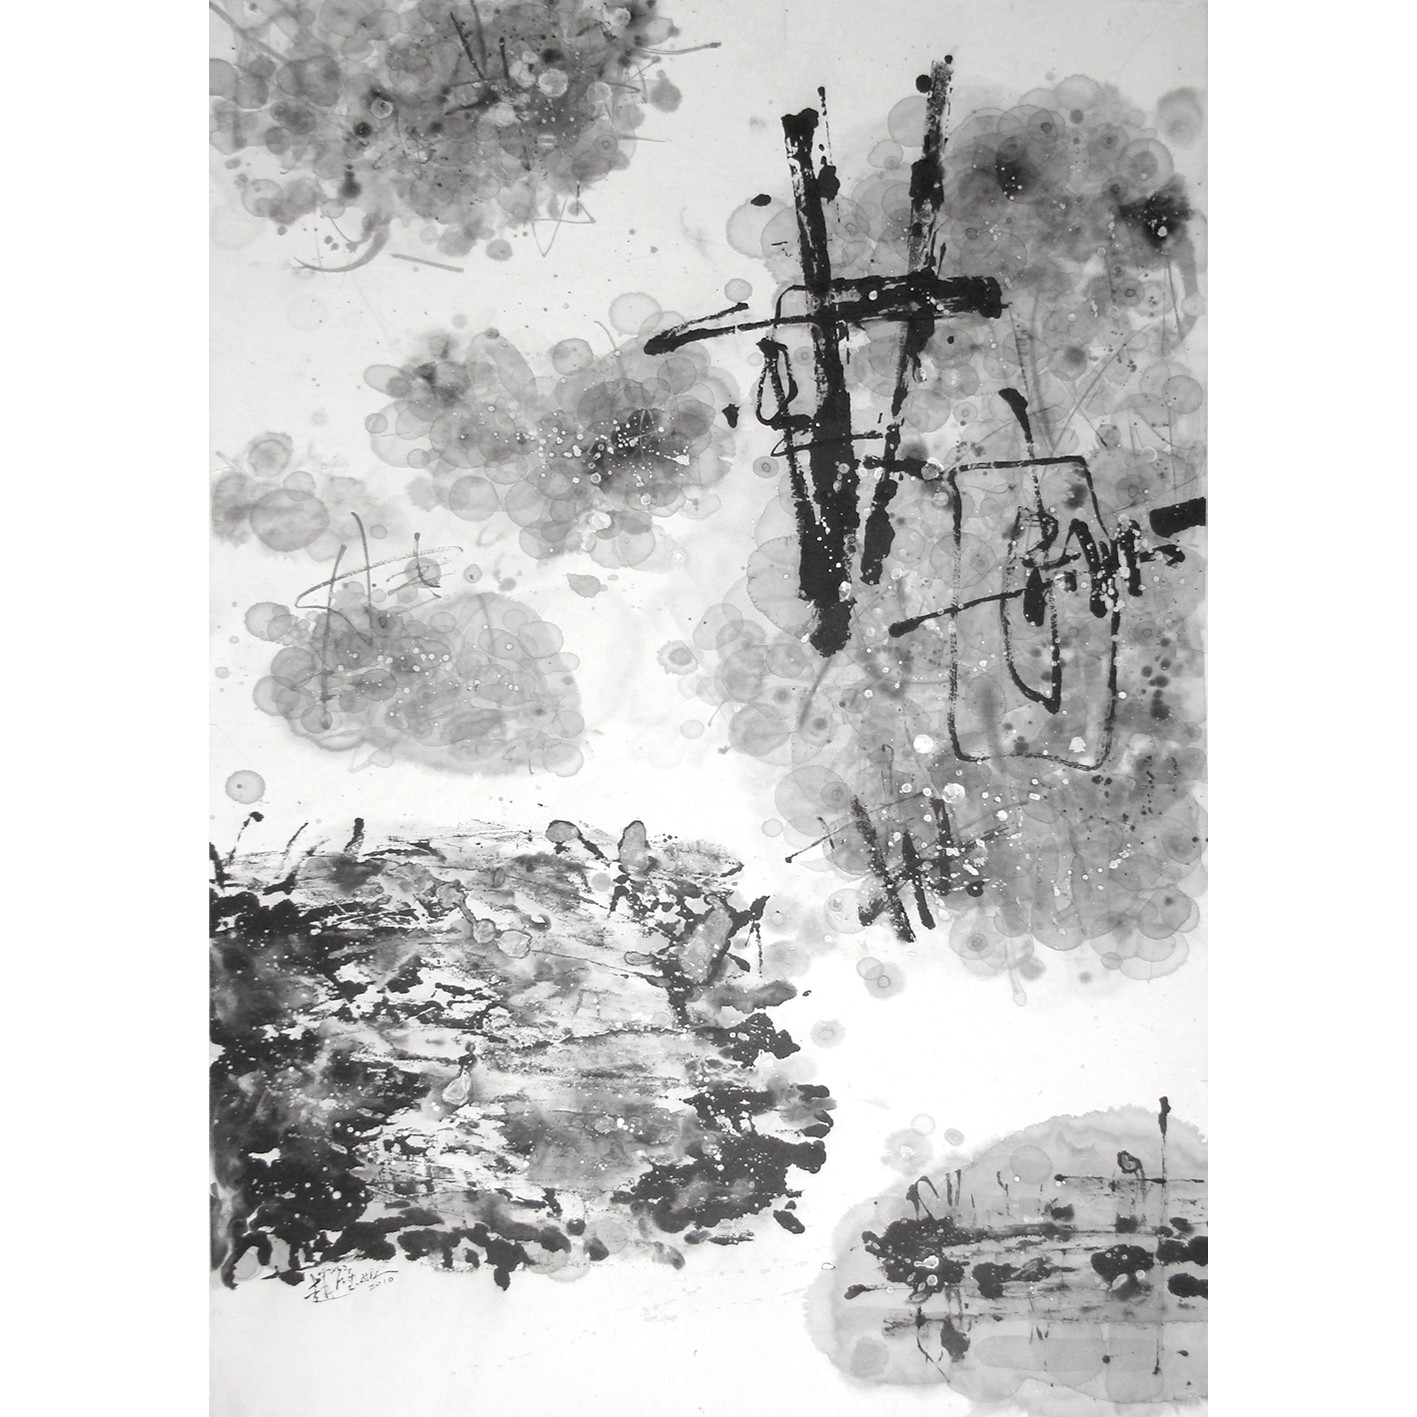 Biru Zhao - dsc04472.jpg